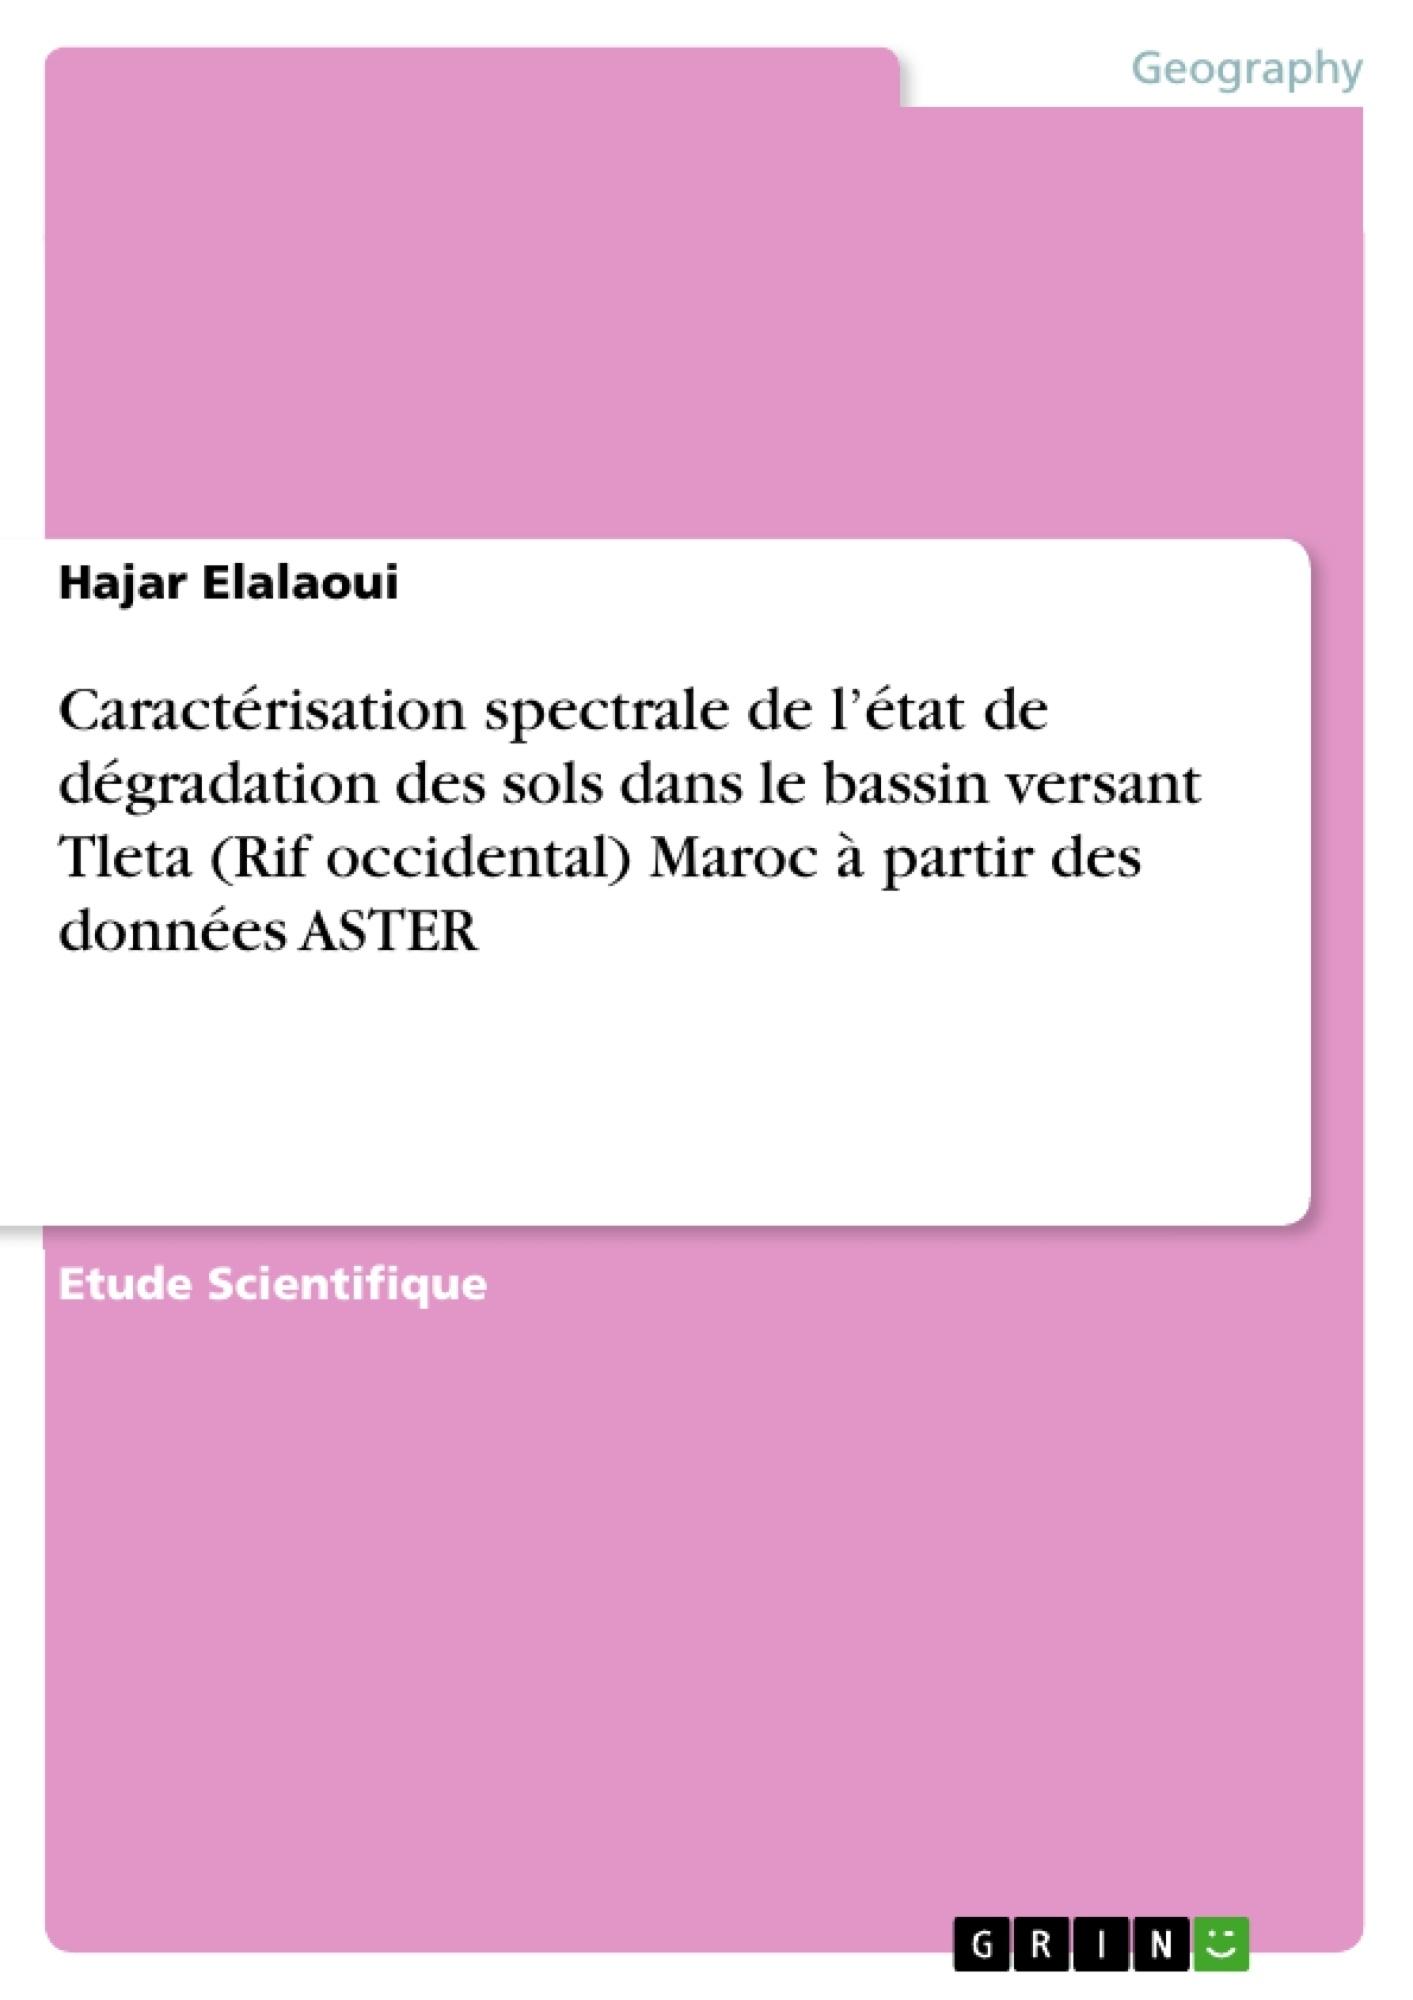 Titre: Caractérisation spectrale de l'état de dégradation des sols dans le bassin versant Tleta (Rif occidental) Maroc à partir des données ASTER